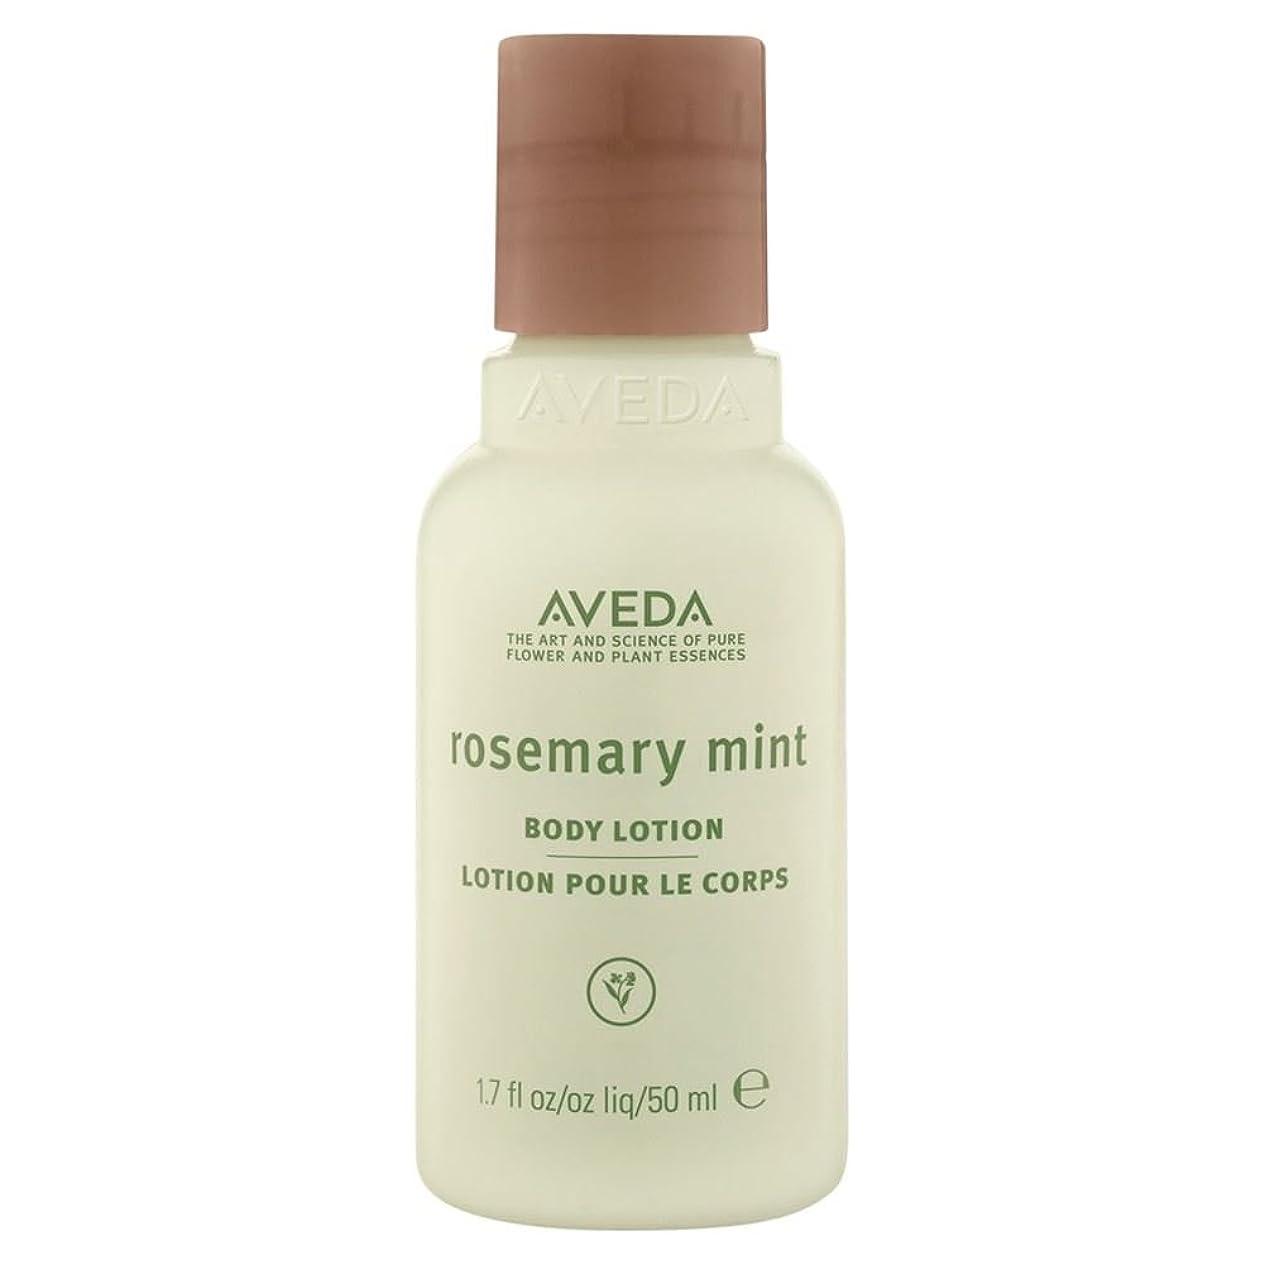 ブランチ規制する相関する[AVEDA ] アヴェダローズマリーミントボディローション50ミリリットル - AVEDA Rosemary Mint Body Lotion 50ml [並行輸入品]